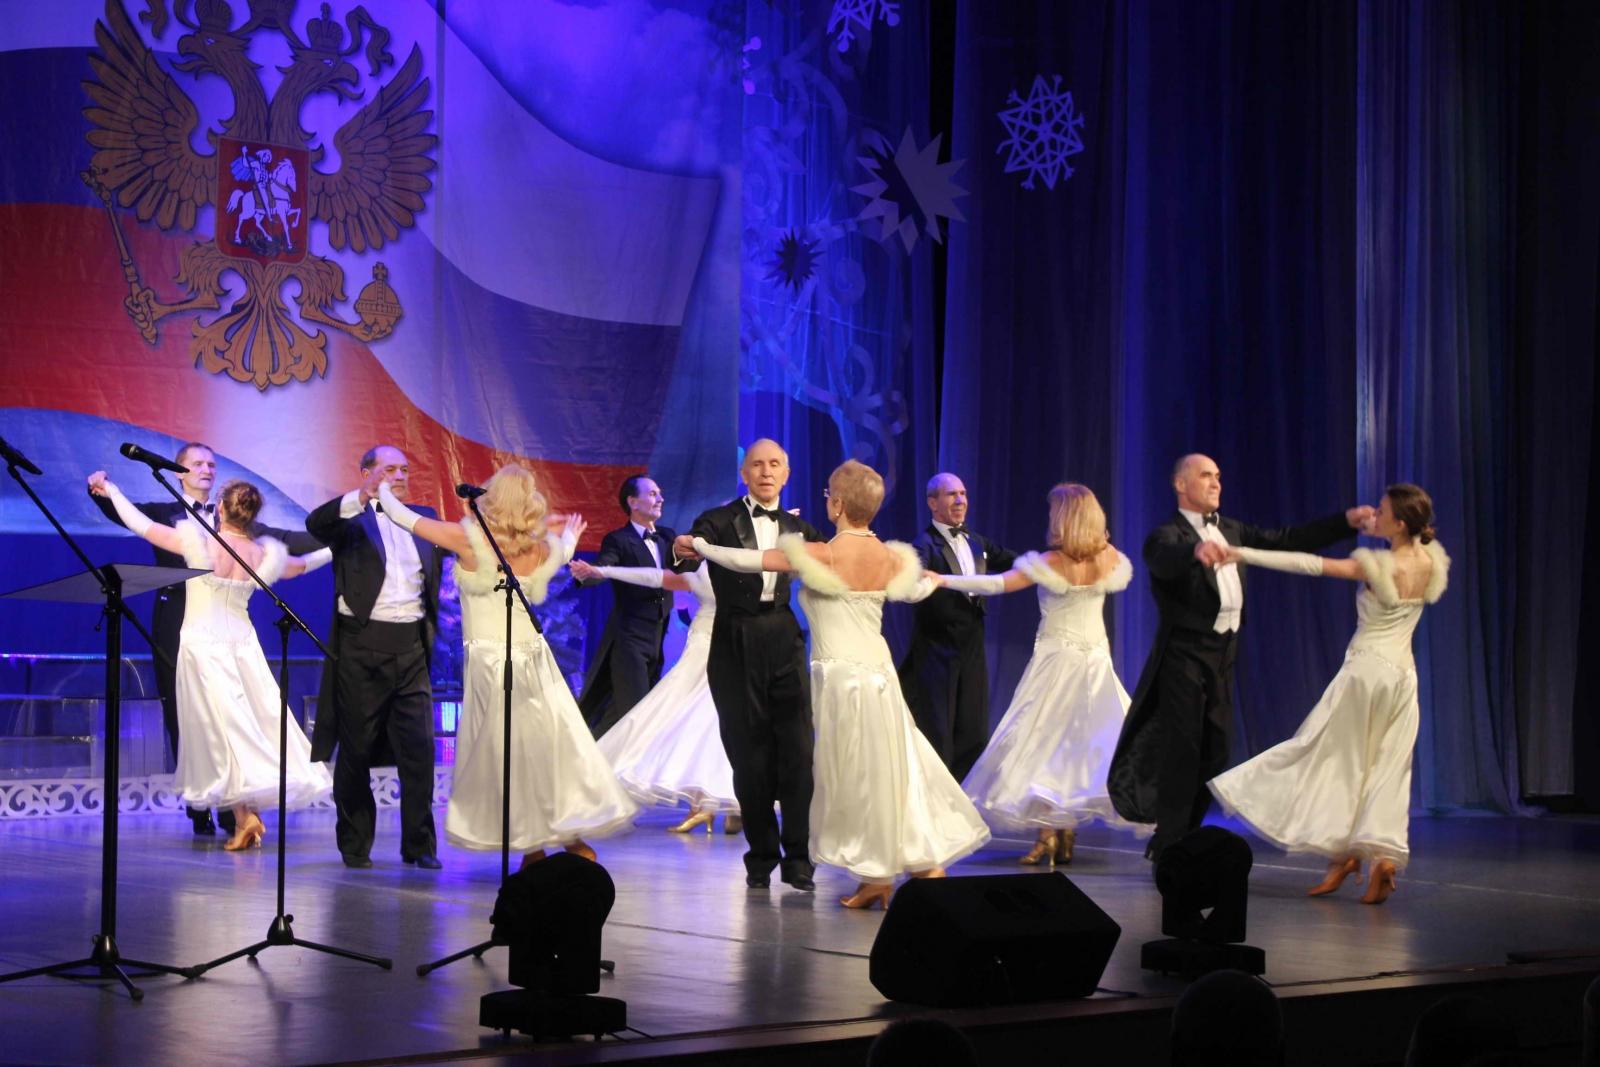 Торжественное мероприятие, посвященное Дню спасателя Российской Федерации во Дворце народного творчества «Авангард», 26 декабря 2014 года